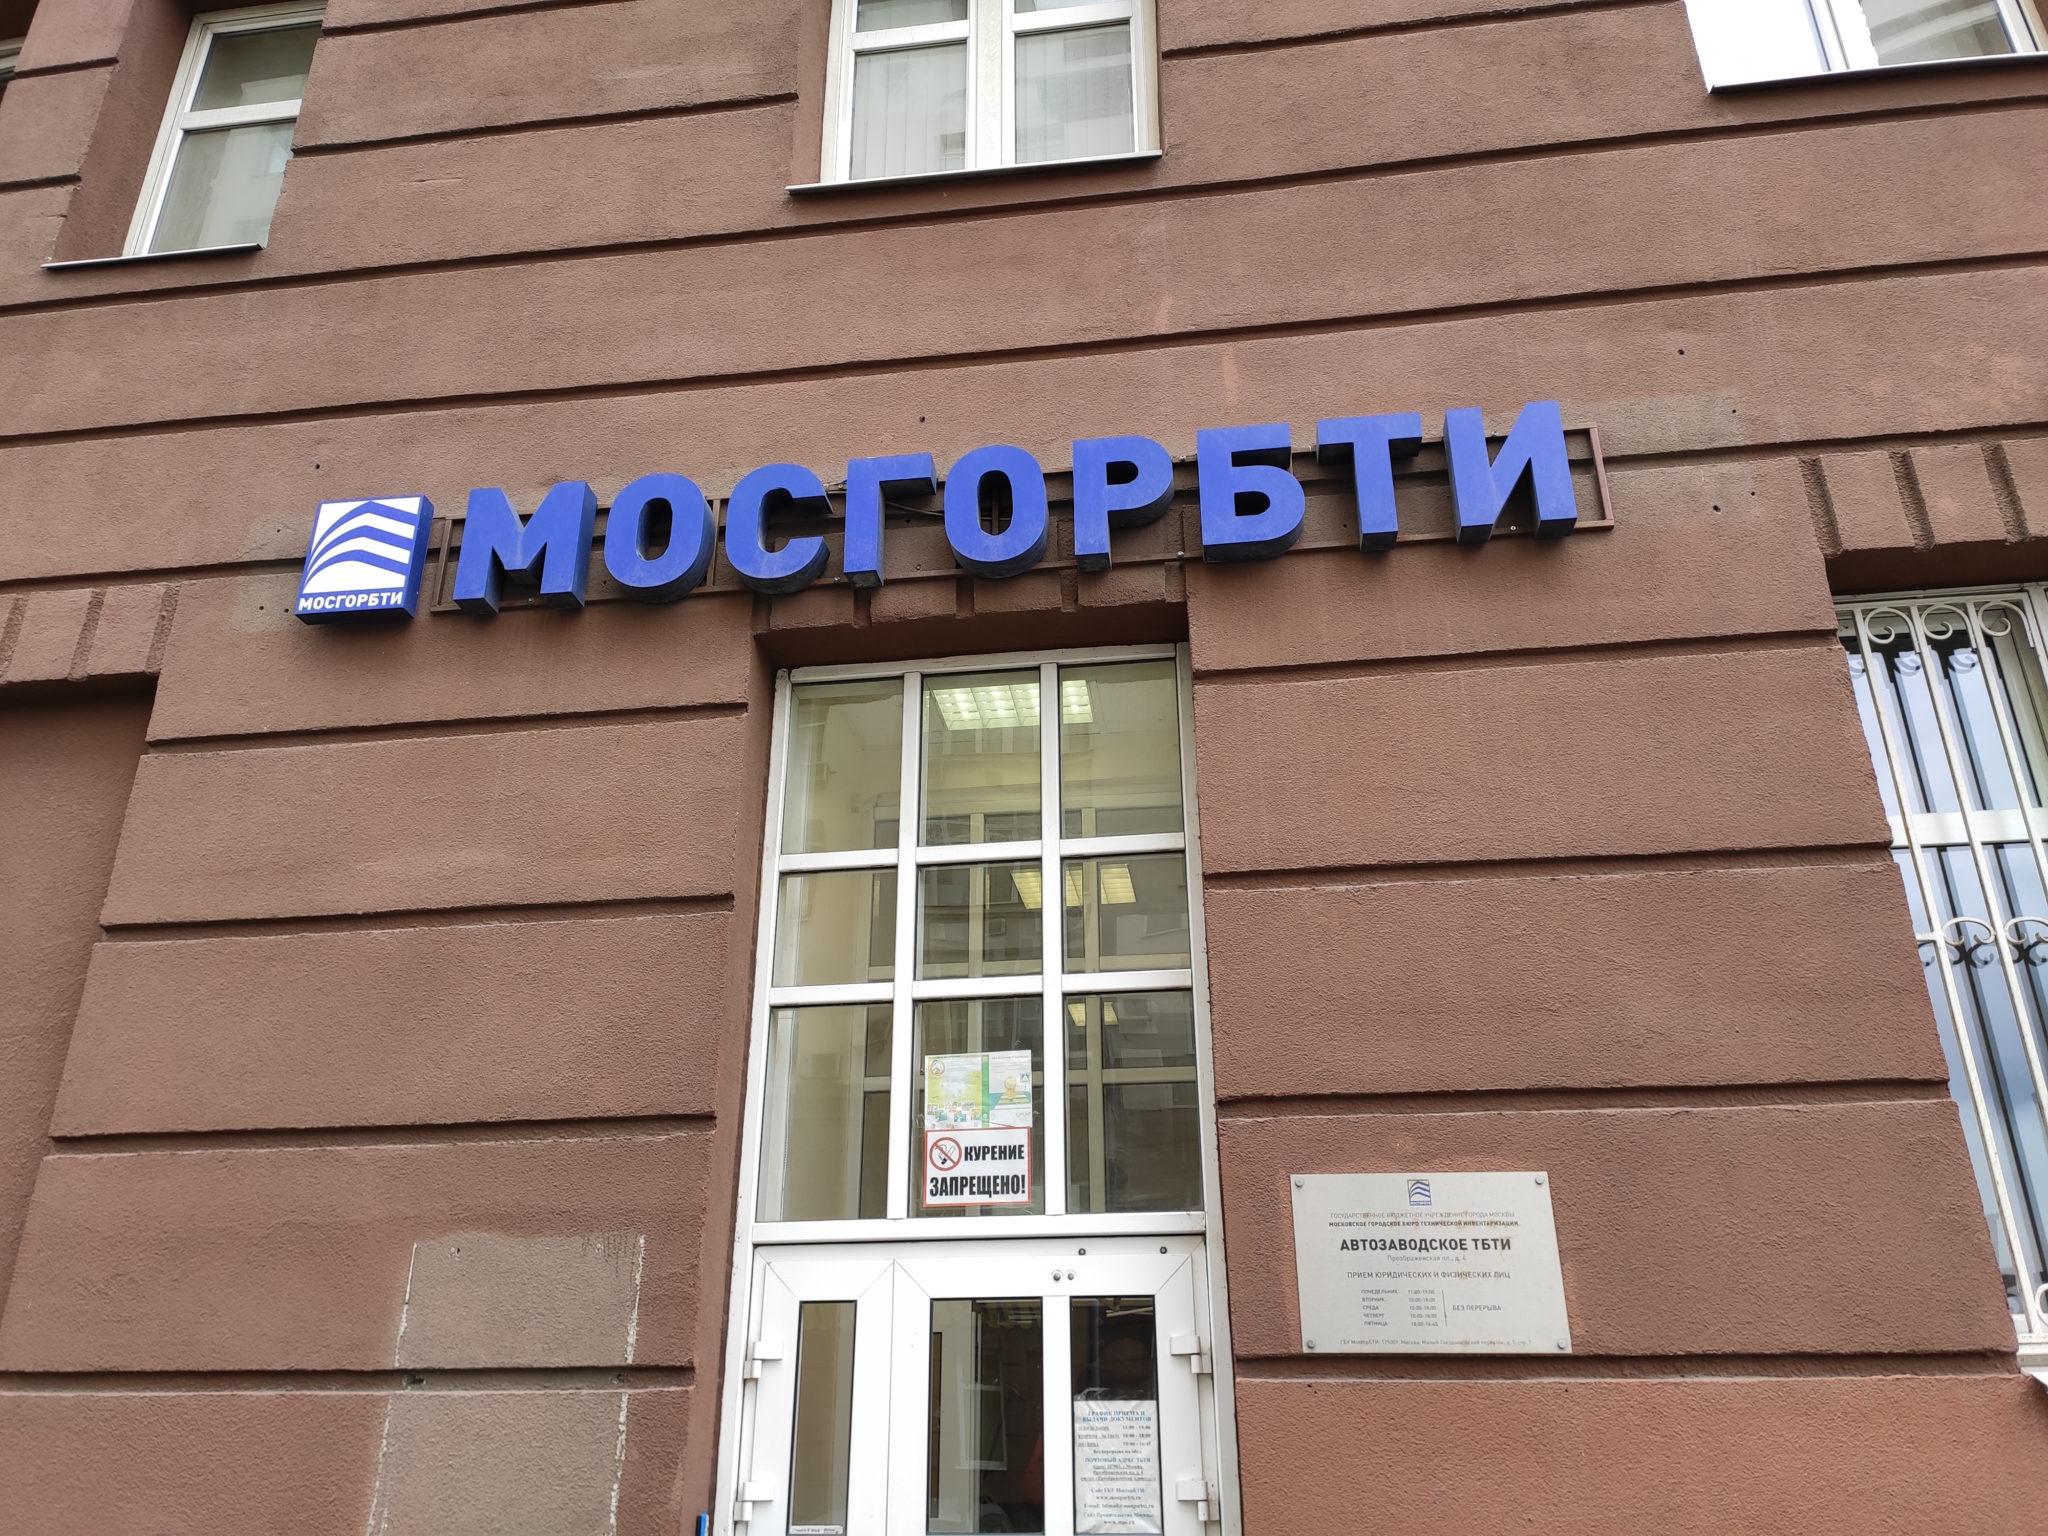 Клиенты МосгорБТИ будут проводить в очереди не более 5 минут